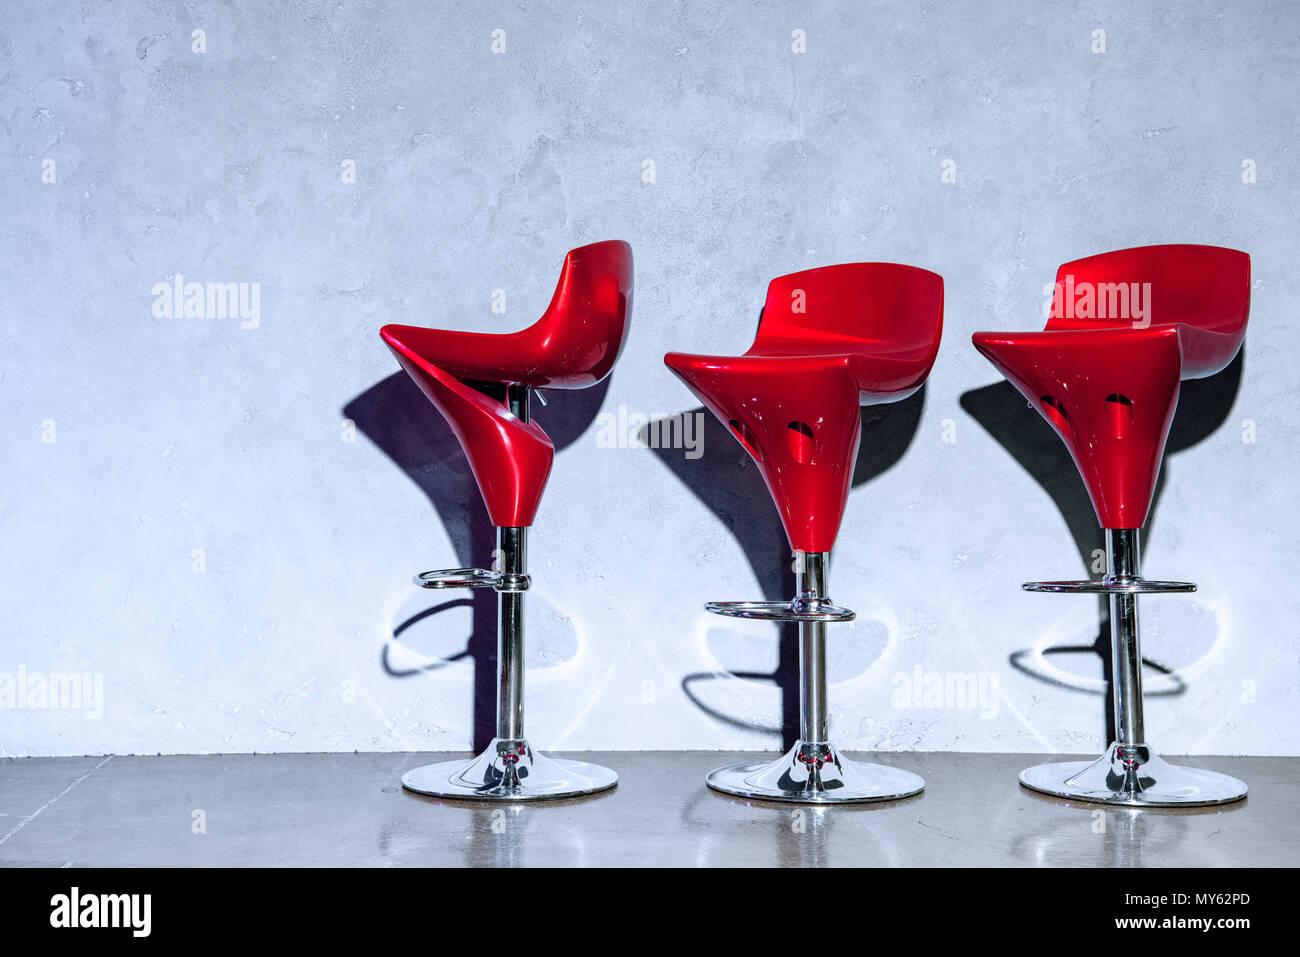 Tre rossi vuoto sgabelli bar vicino al muro grigio foto & immagine